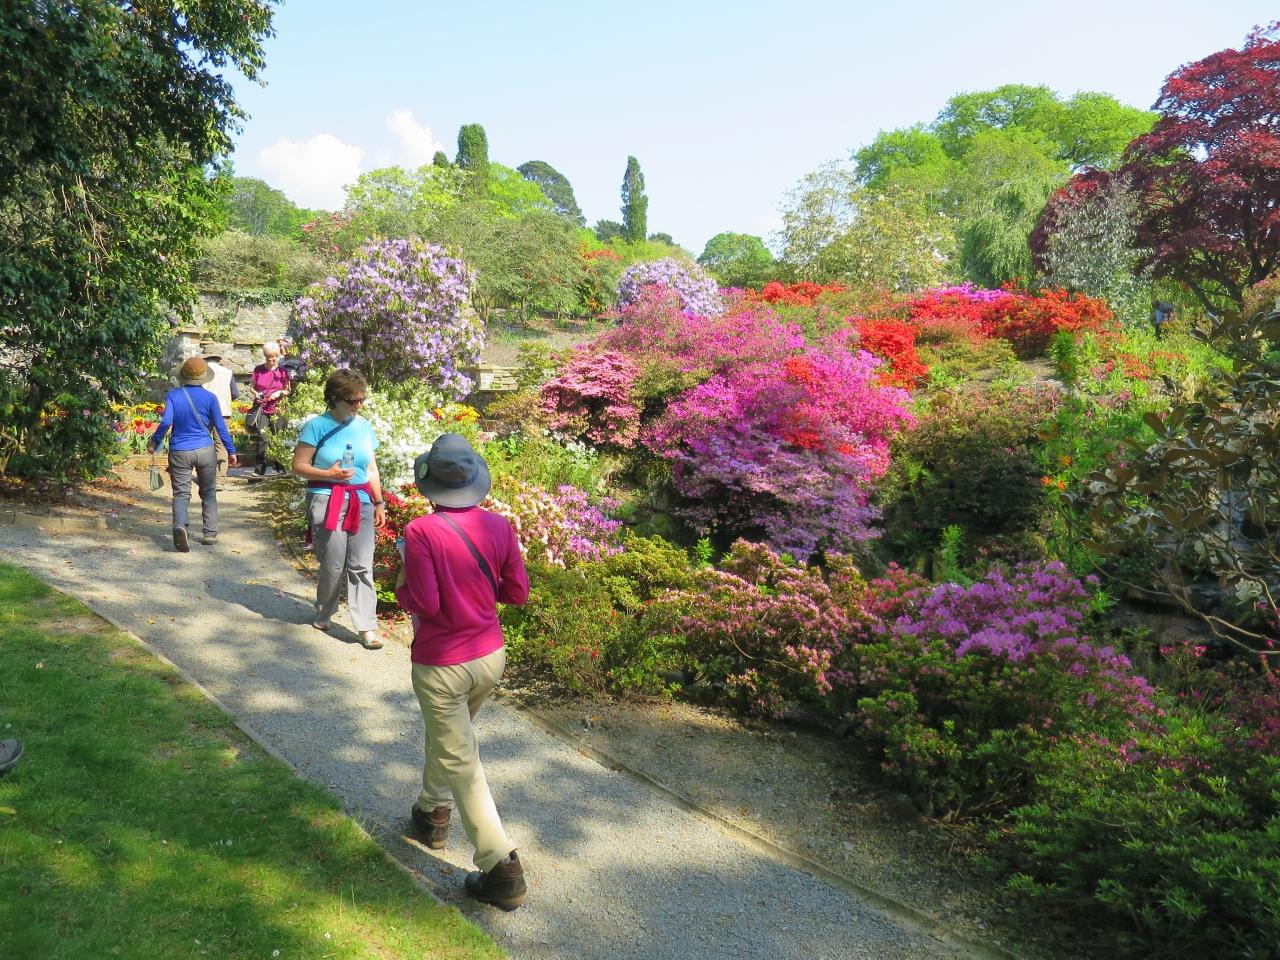 英国で最も美しいと言われる庭園へ訪問